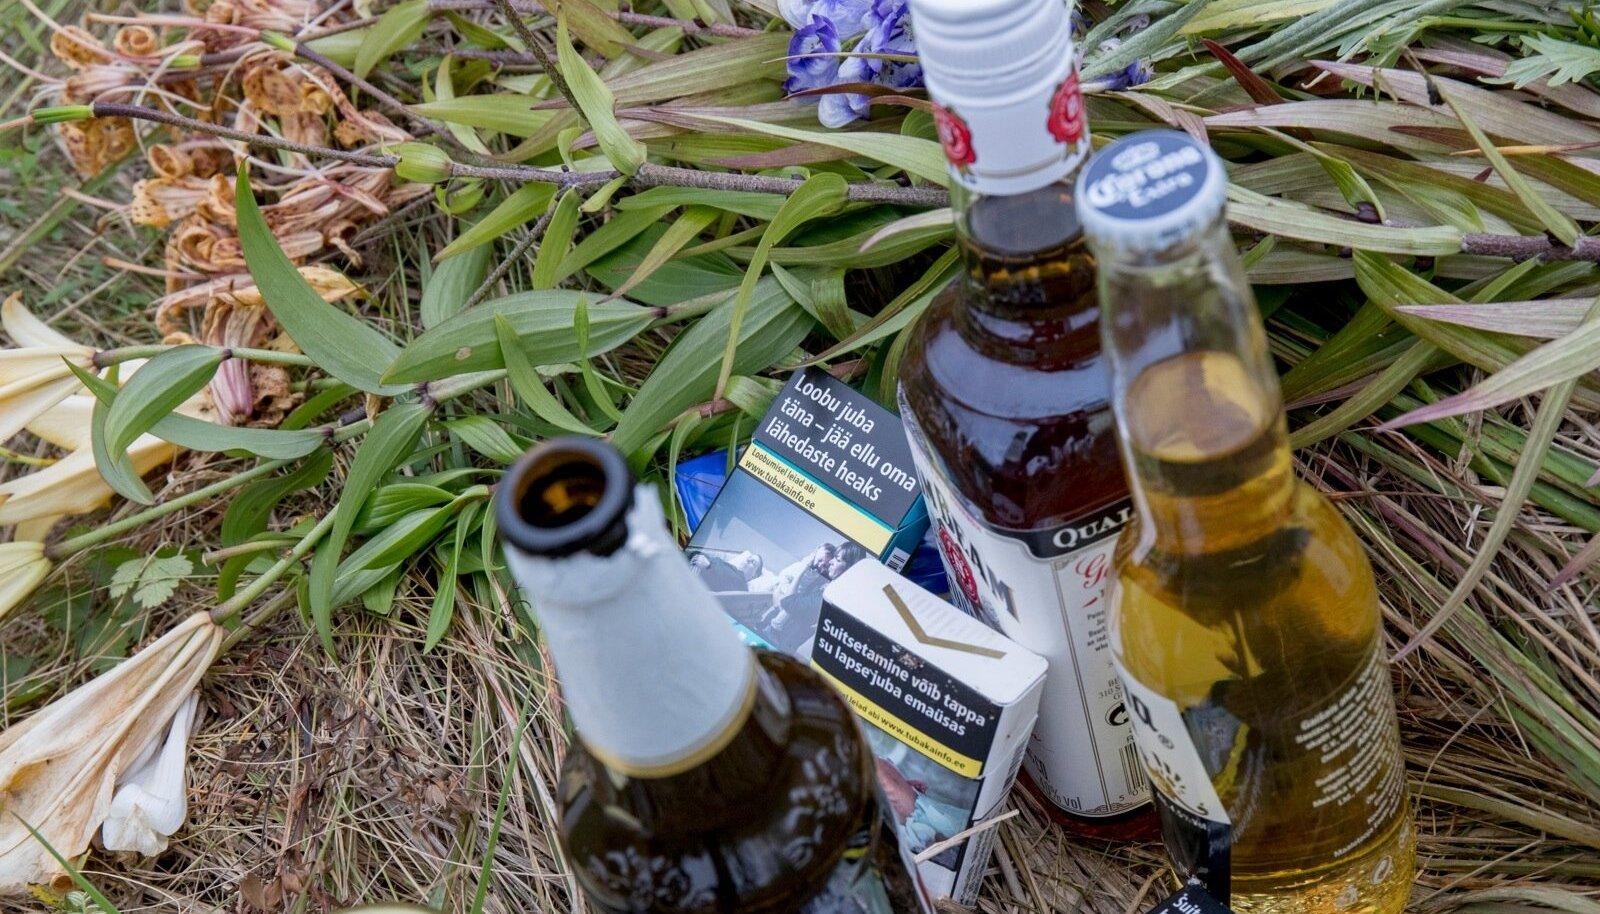 Paika, kus Tanel fentanüüli üledoosi tõttu suri, on toodud lilli, aga ka alkoholipudeleid ja sigarette.